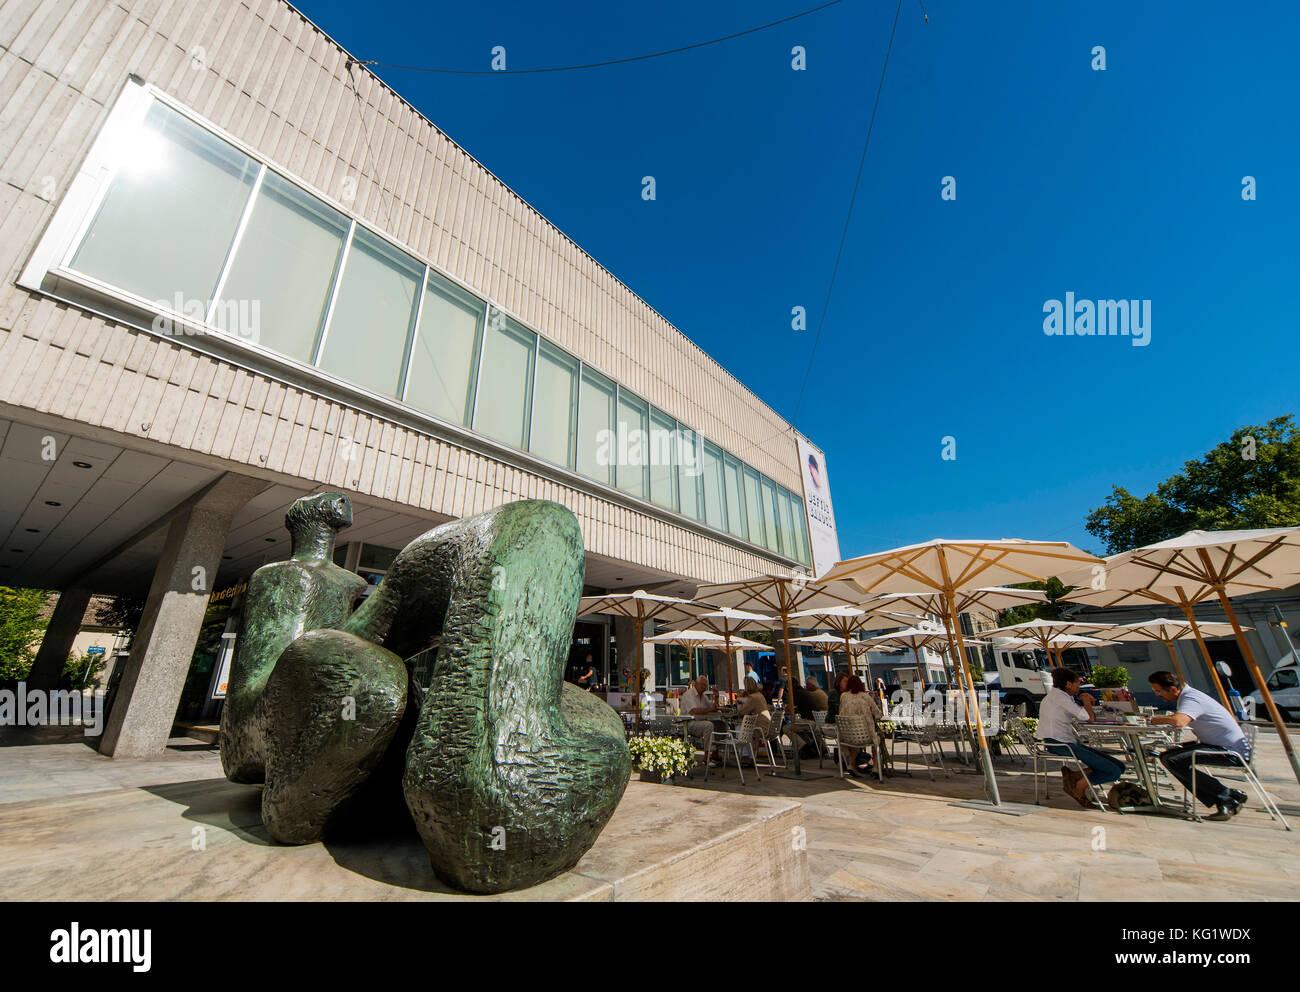 Zurigo, Schweiz : Kunsthaus mit grosse Liegende Frauenfigur von Henry Moore di Zurich Svizzera Immagini Stock